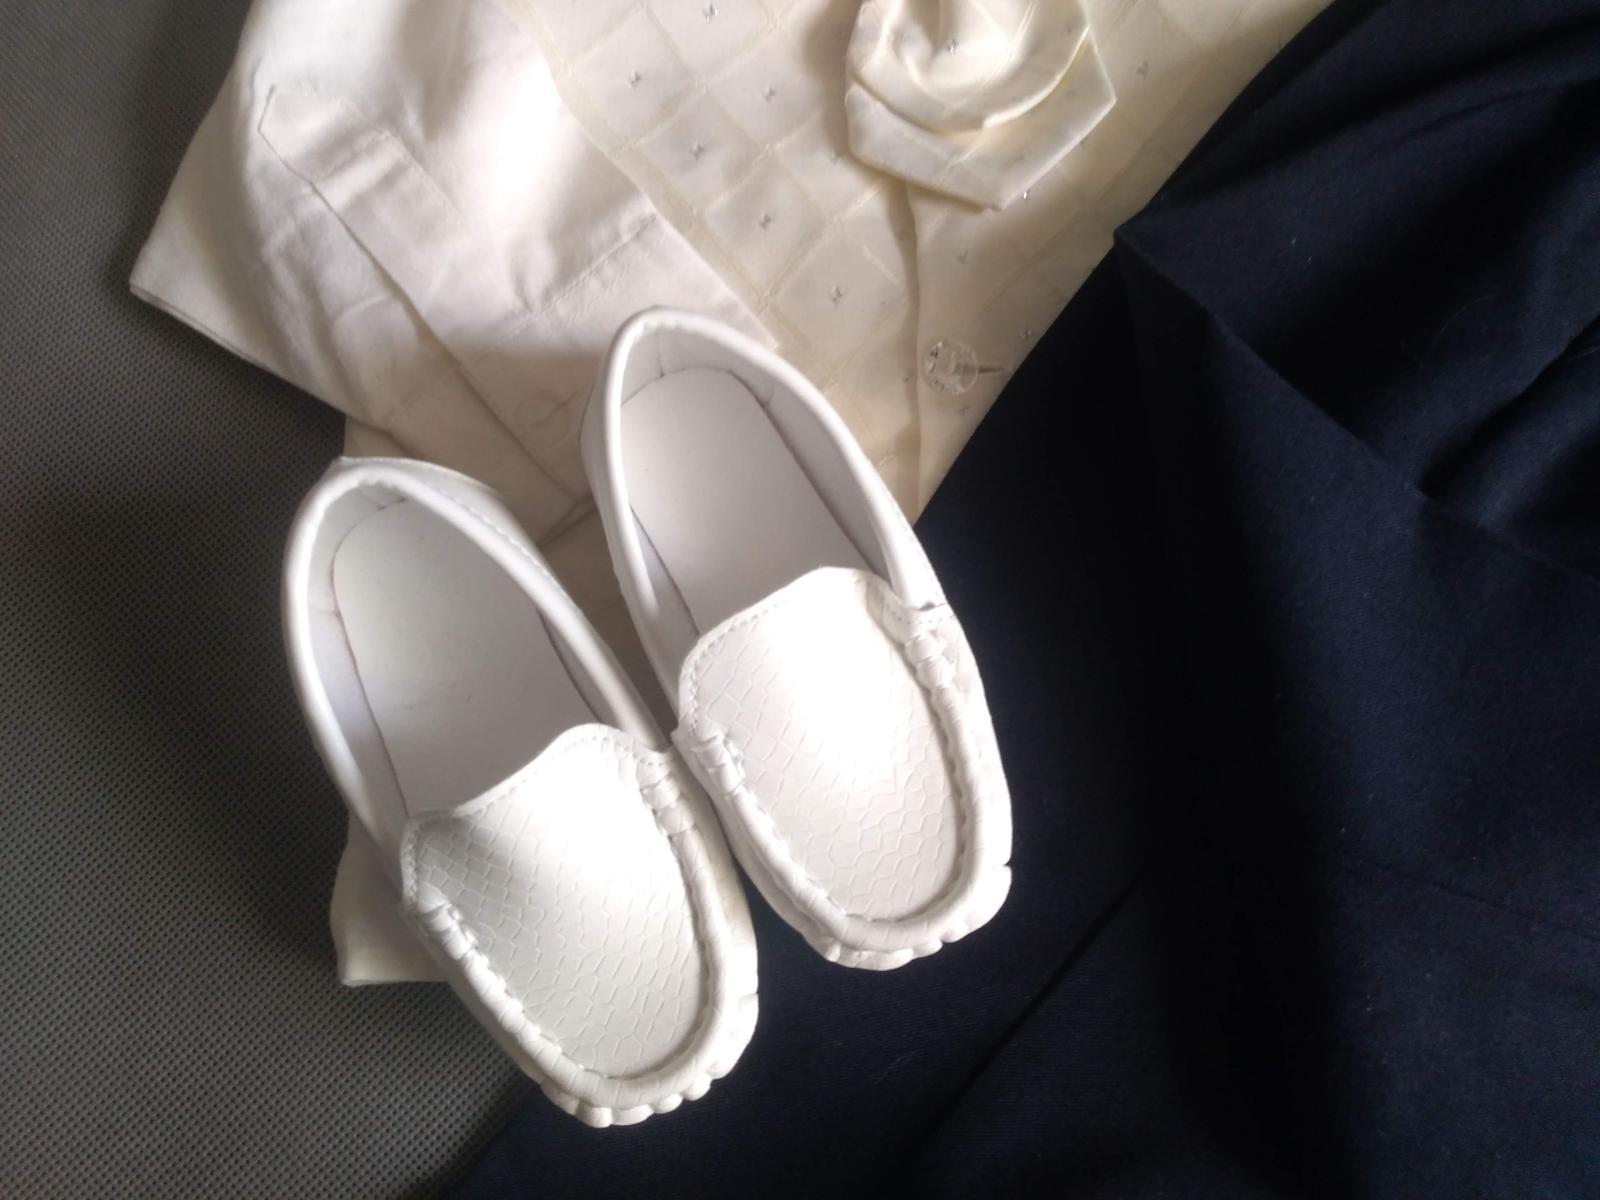 SKLADEM - k zapůjčení ivory oblek 12-18 měsíců - Obrázek č. 4